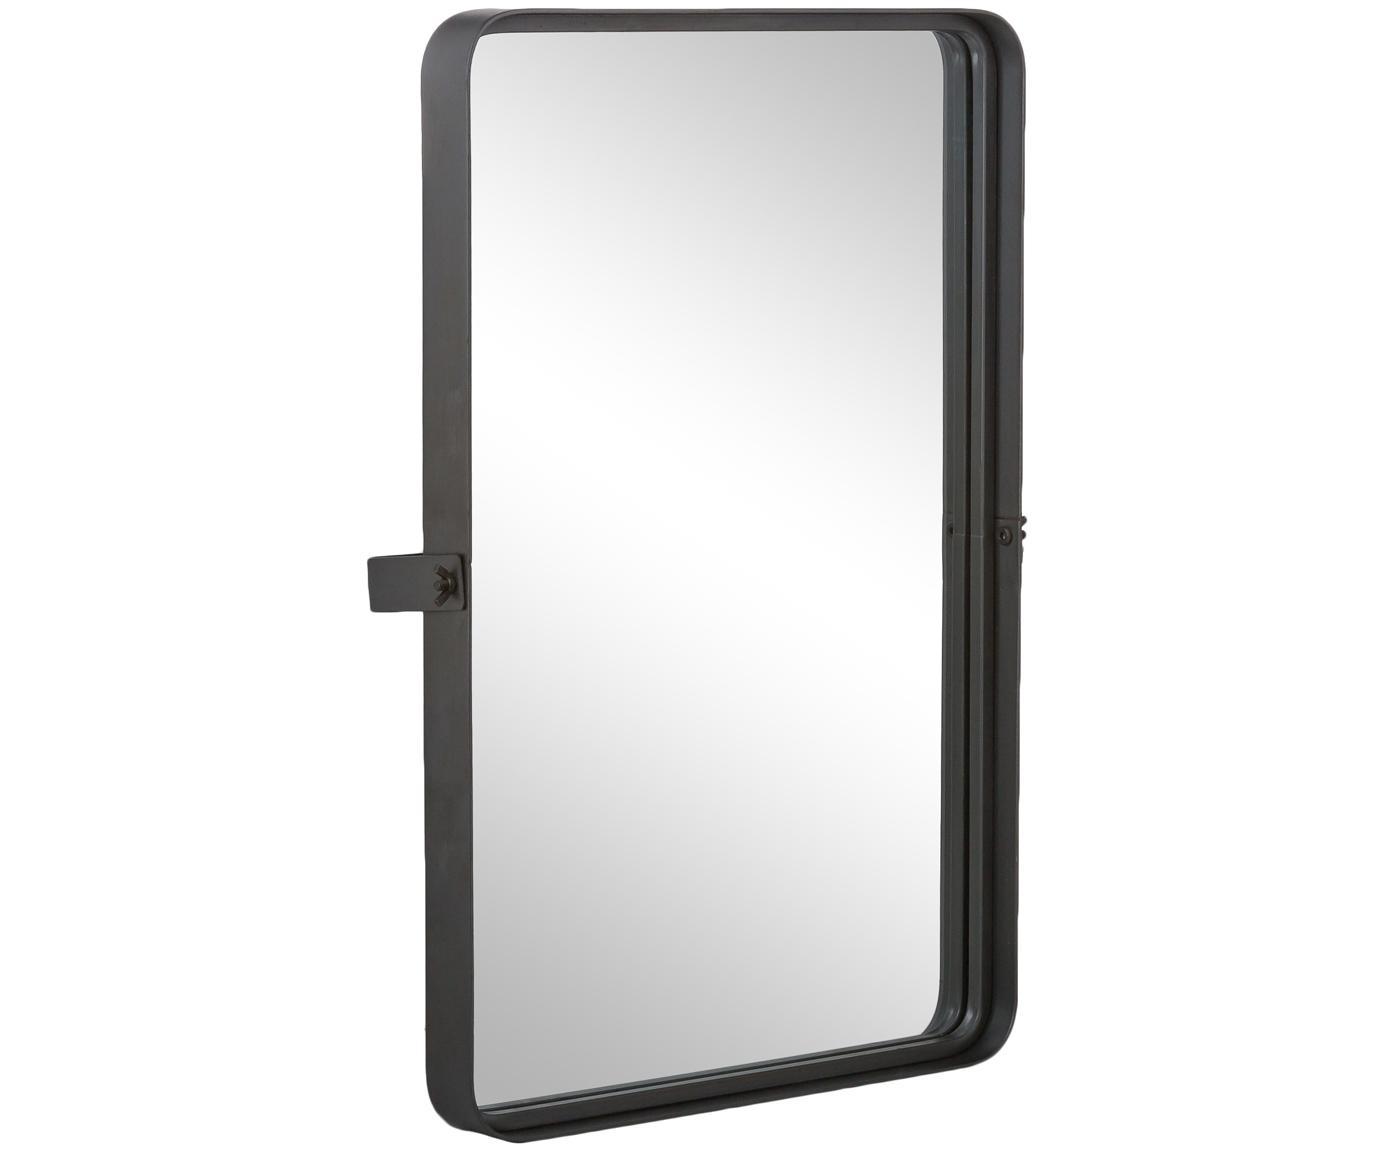 Specchio da parete con cornice grigia Poke L, Cornice: metallo, Superficie dello specchio: lastra di vetro, Cornice: grigio scuro Superficie specchio: lastra di vetro, Larg. 41 x Alt. 60 cm